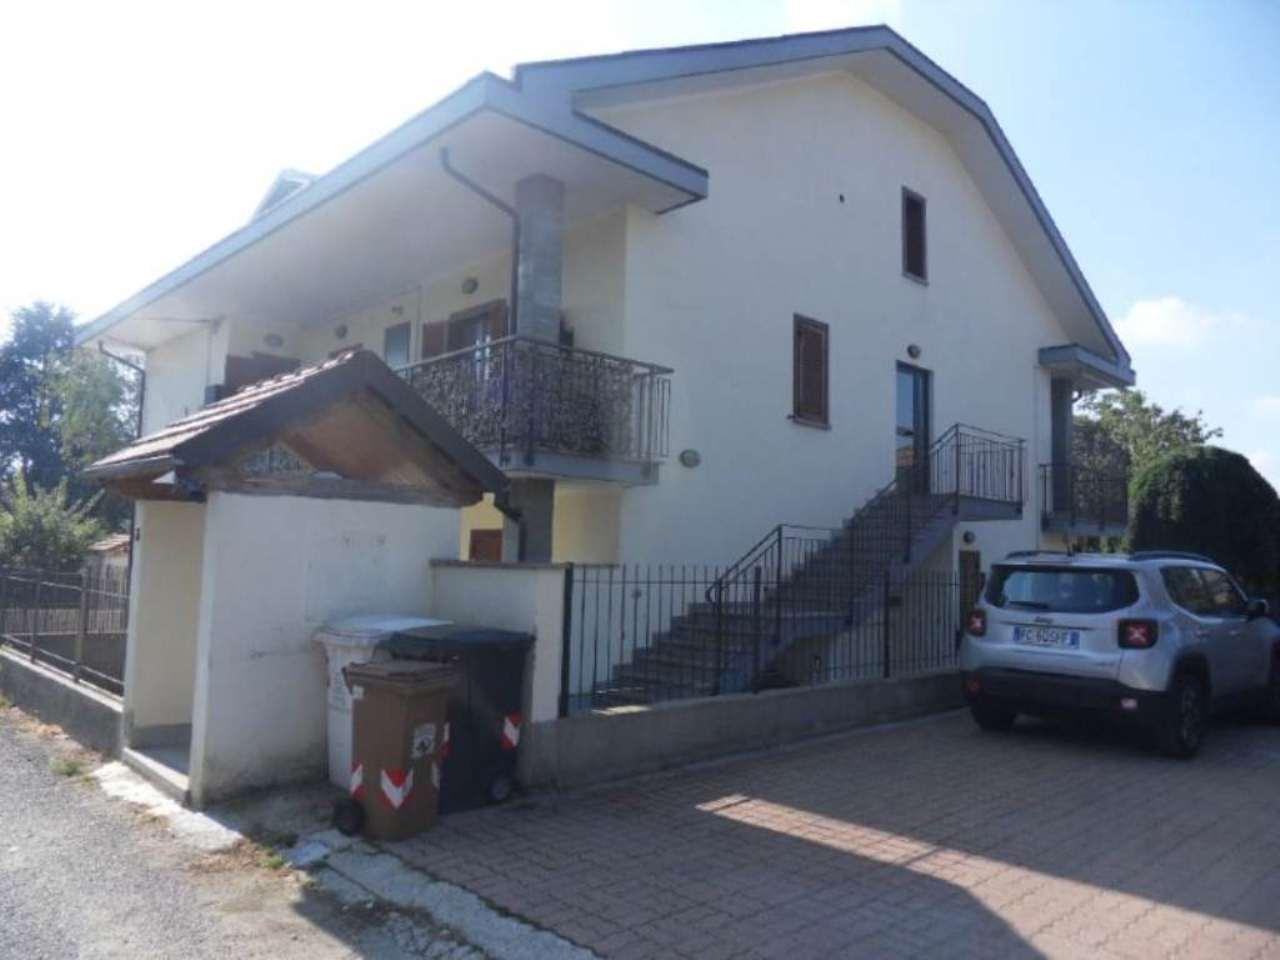 Attico / Mansarda in vendita a Alpignano, 2 locali, prezzo € 159.000 | Cambio Casa.it